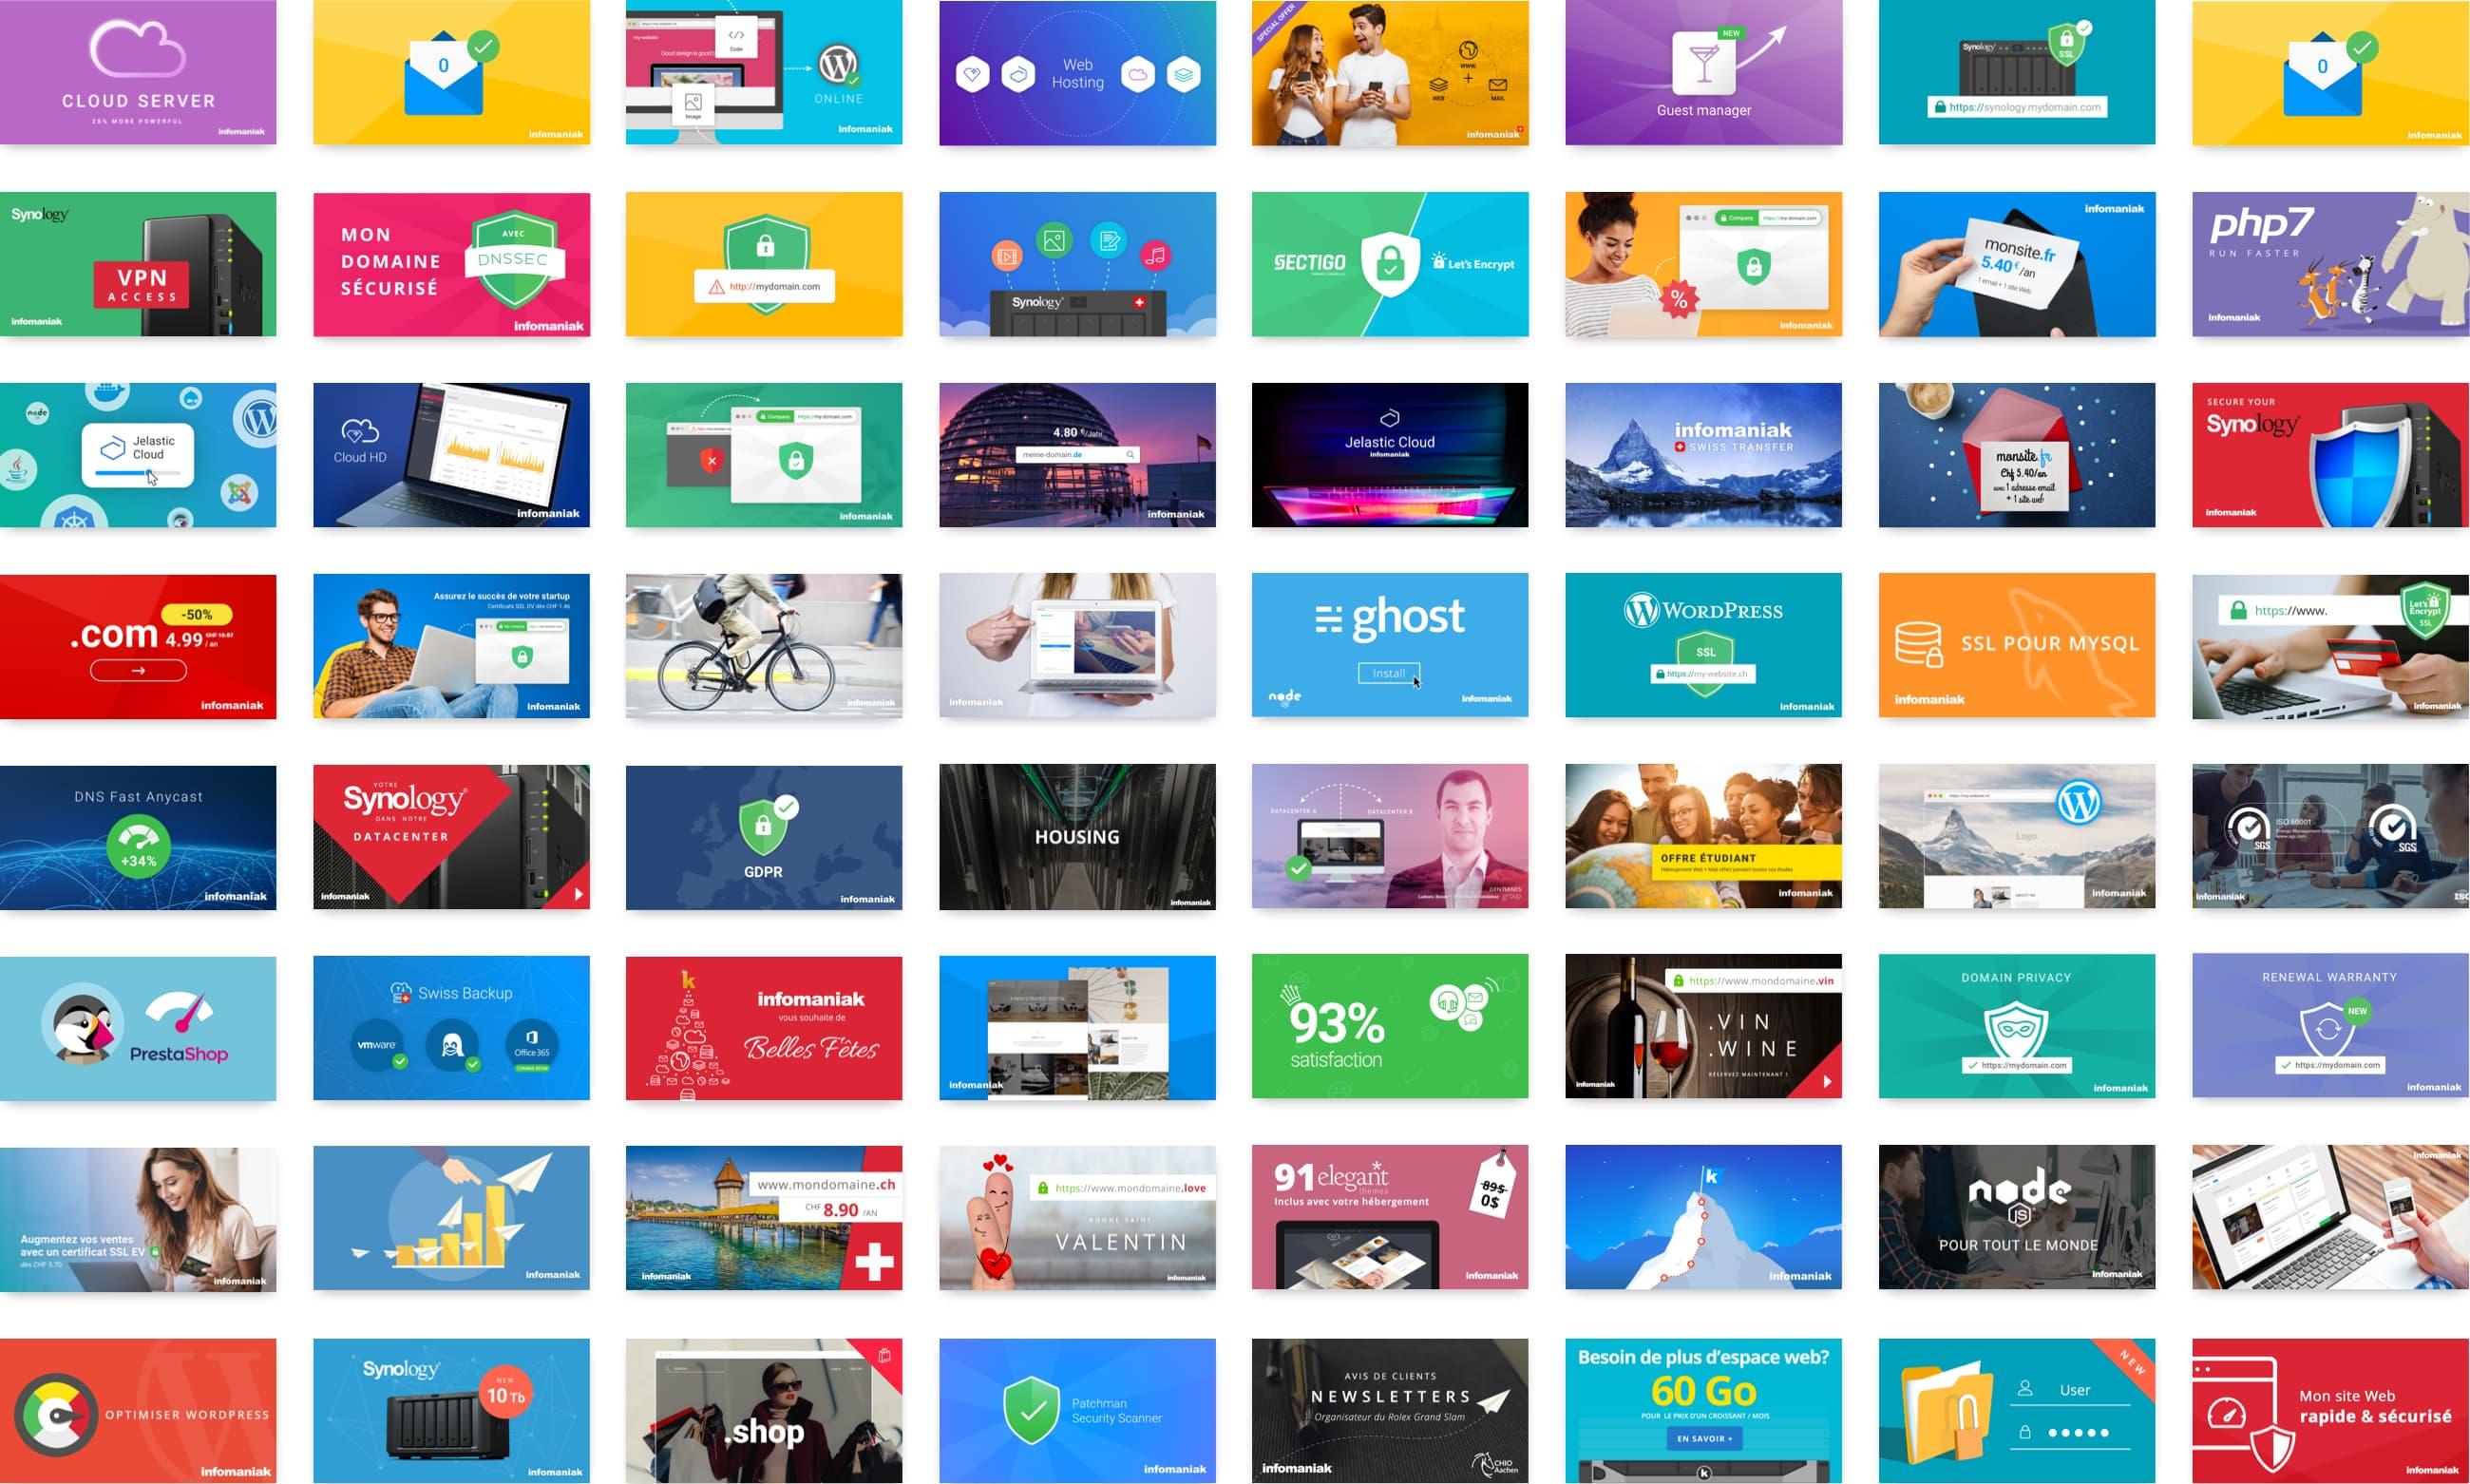 Digital marketing infomaniak réseaux sociaux